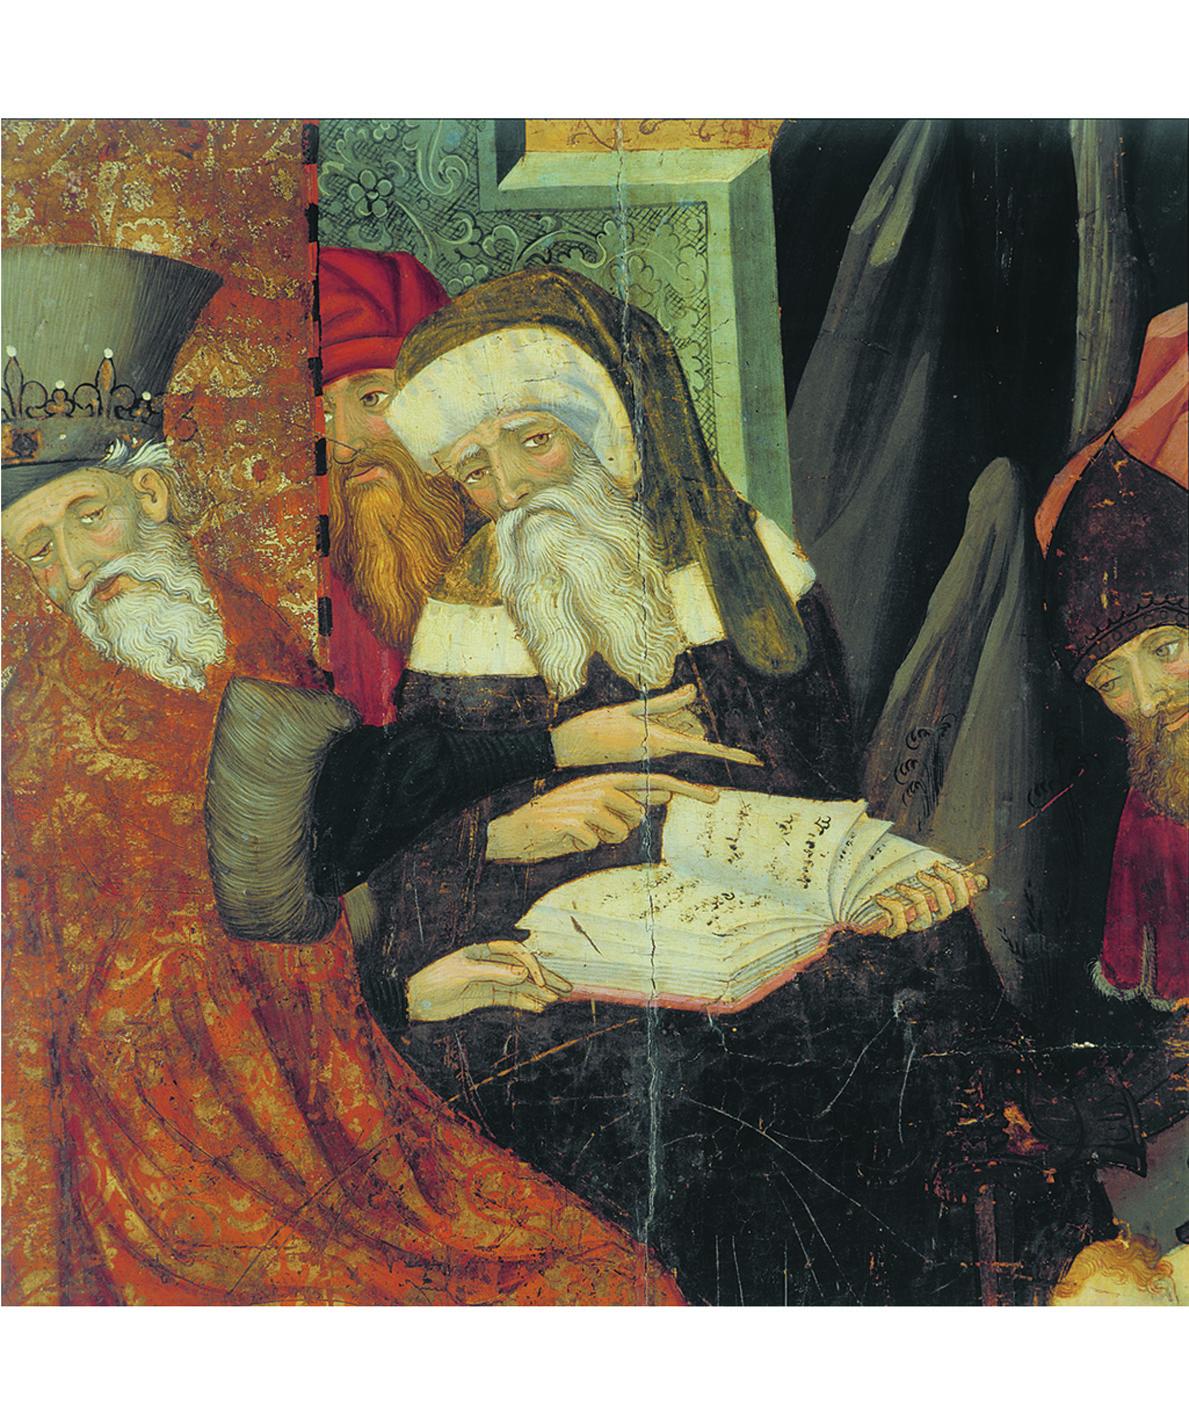 Lluís Borrassà. Detall matança dels innocents. Retaule d'advocació franciscana provinent del convent de Santa Clara de Vic. Barcelona, entre 1414 i 1415